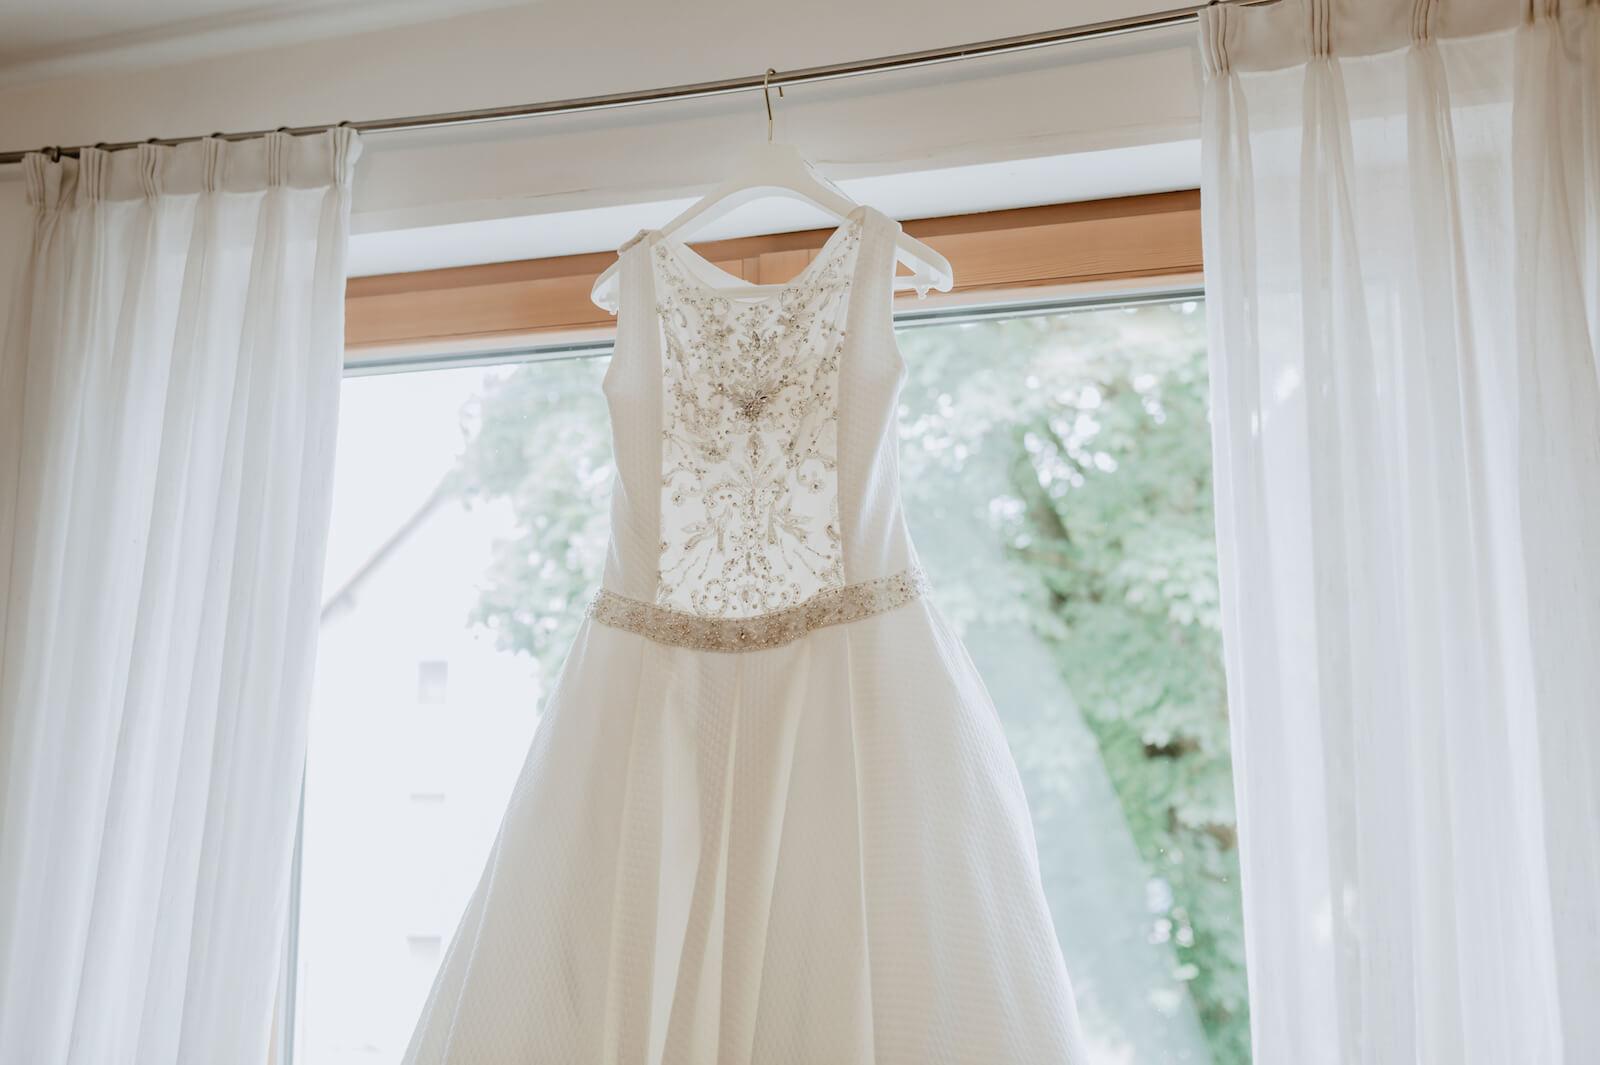 Gartenhochzeit Buchloe - Brautkleid im Fenster vor dem Anziehen